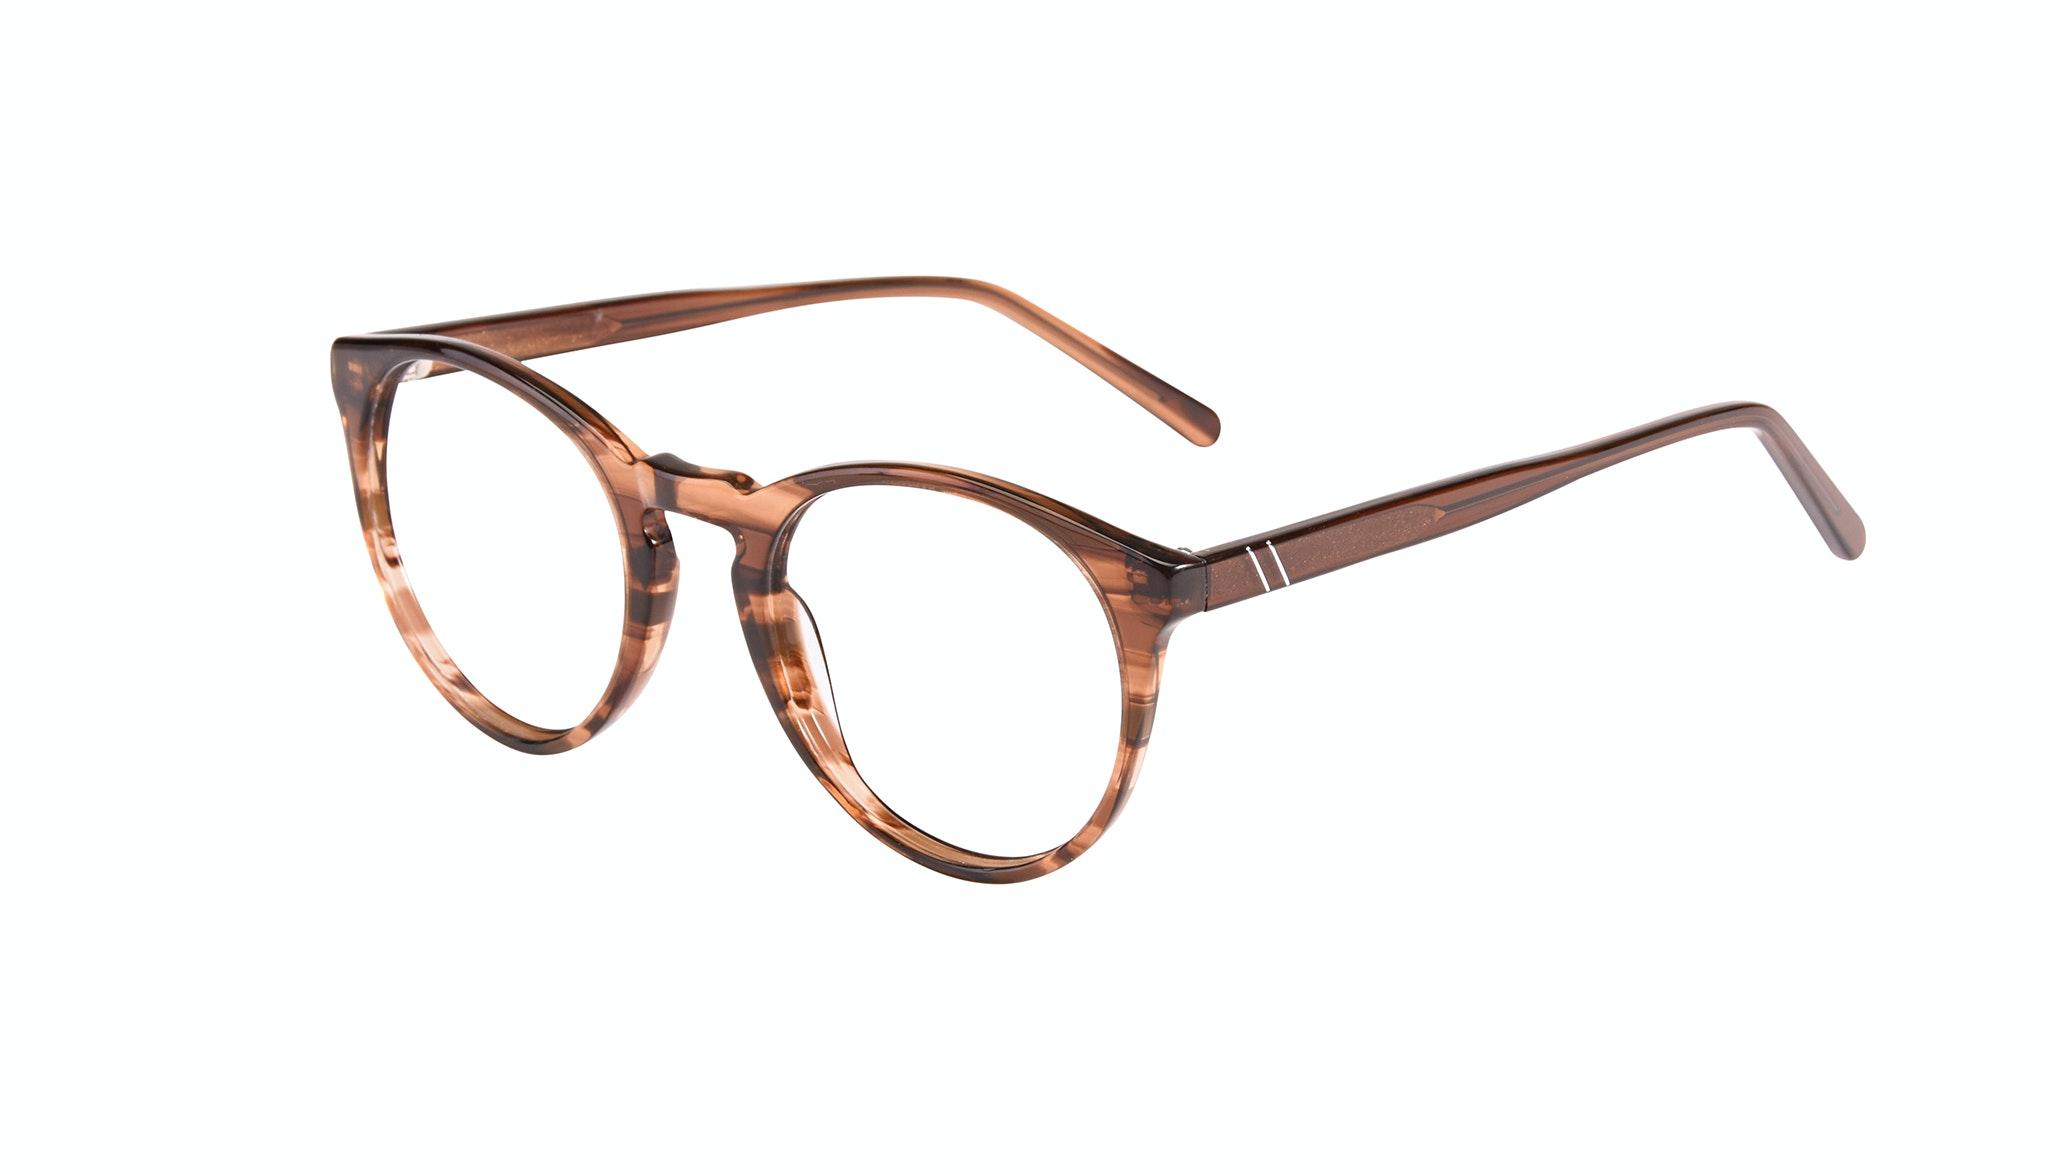 Affordable Fashion Glasses Round Eyeglasses Men Arch Wood Tilt